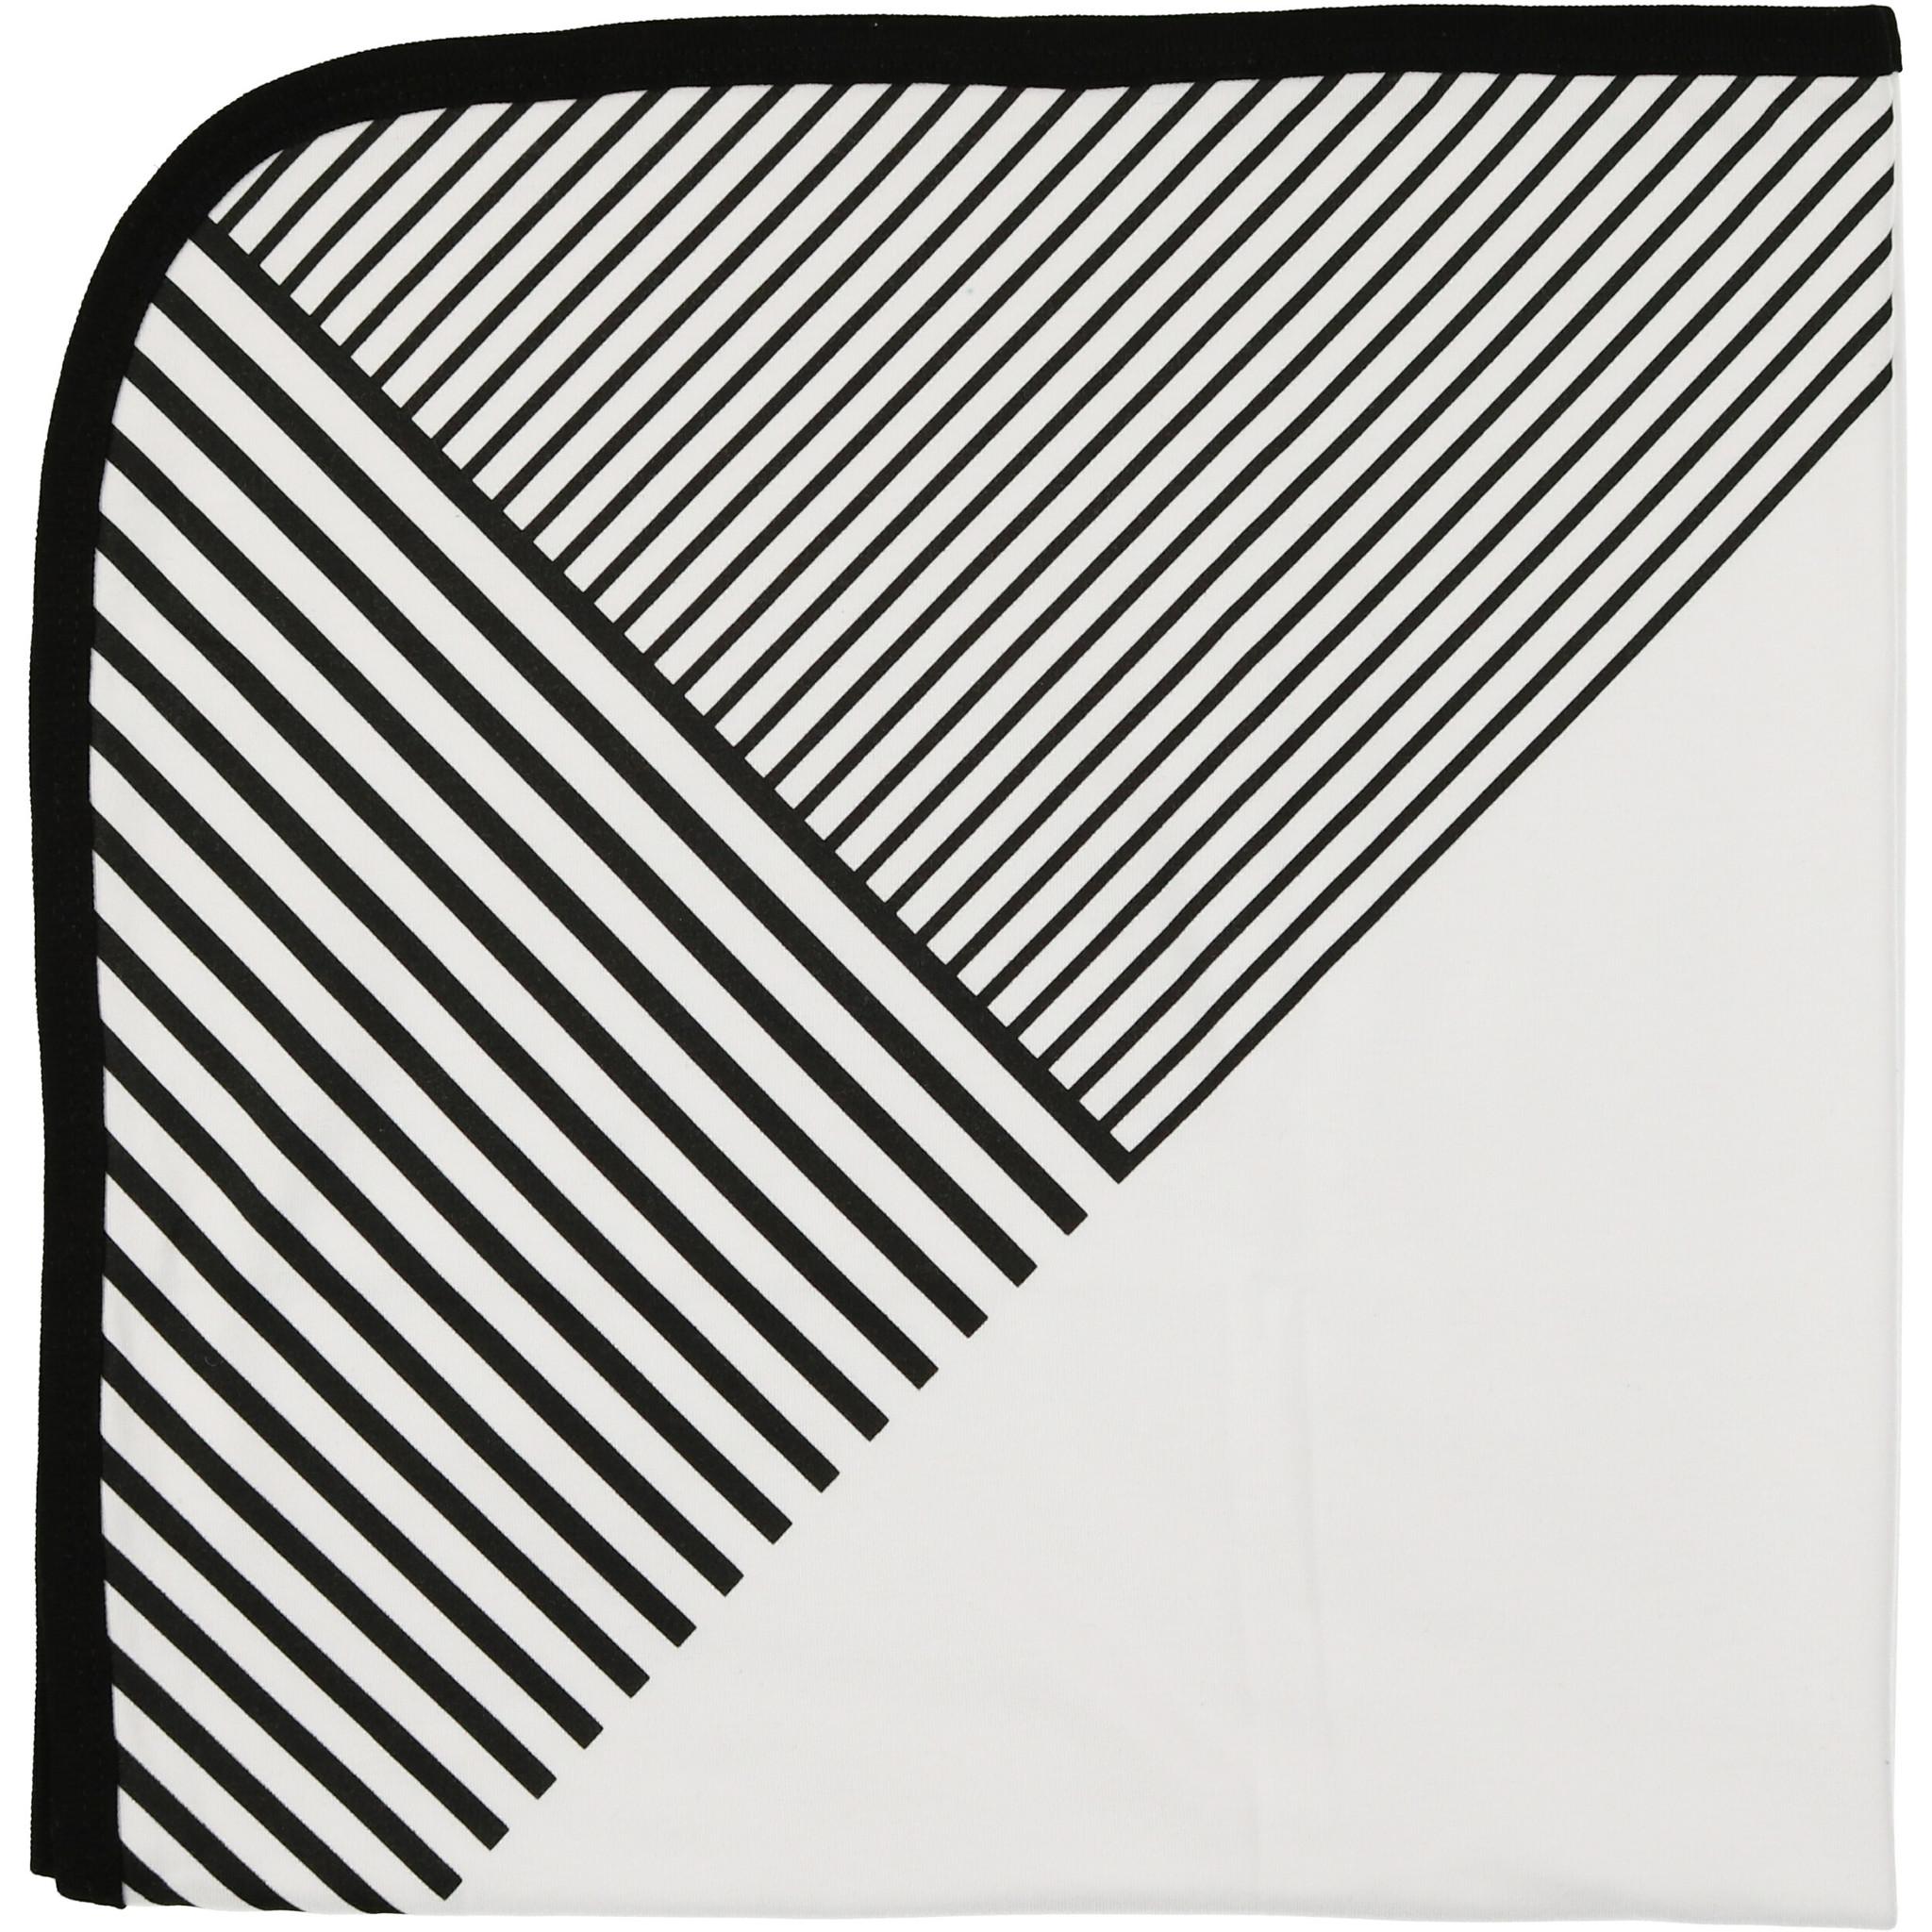 Mon Tresor Bebe Show your Stripes Blanket